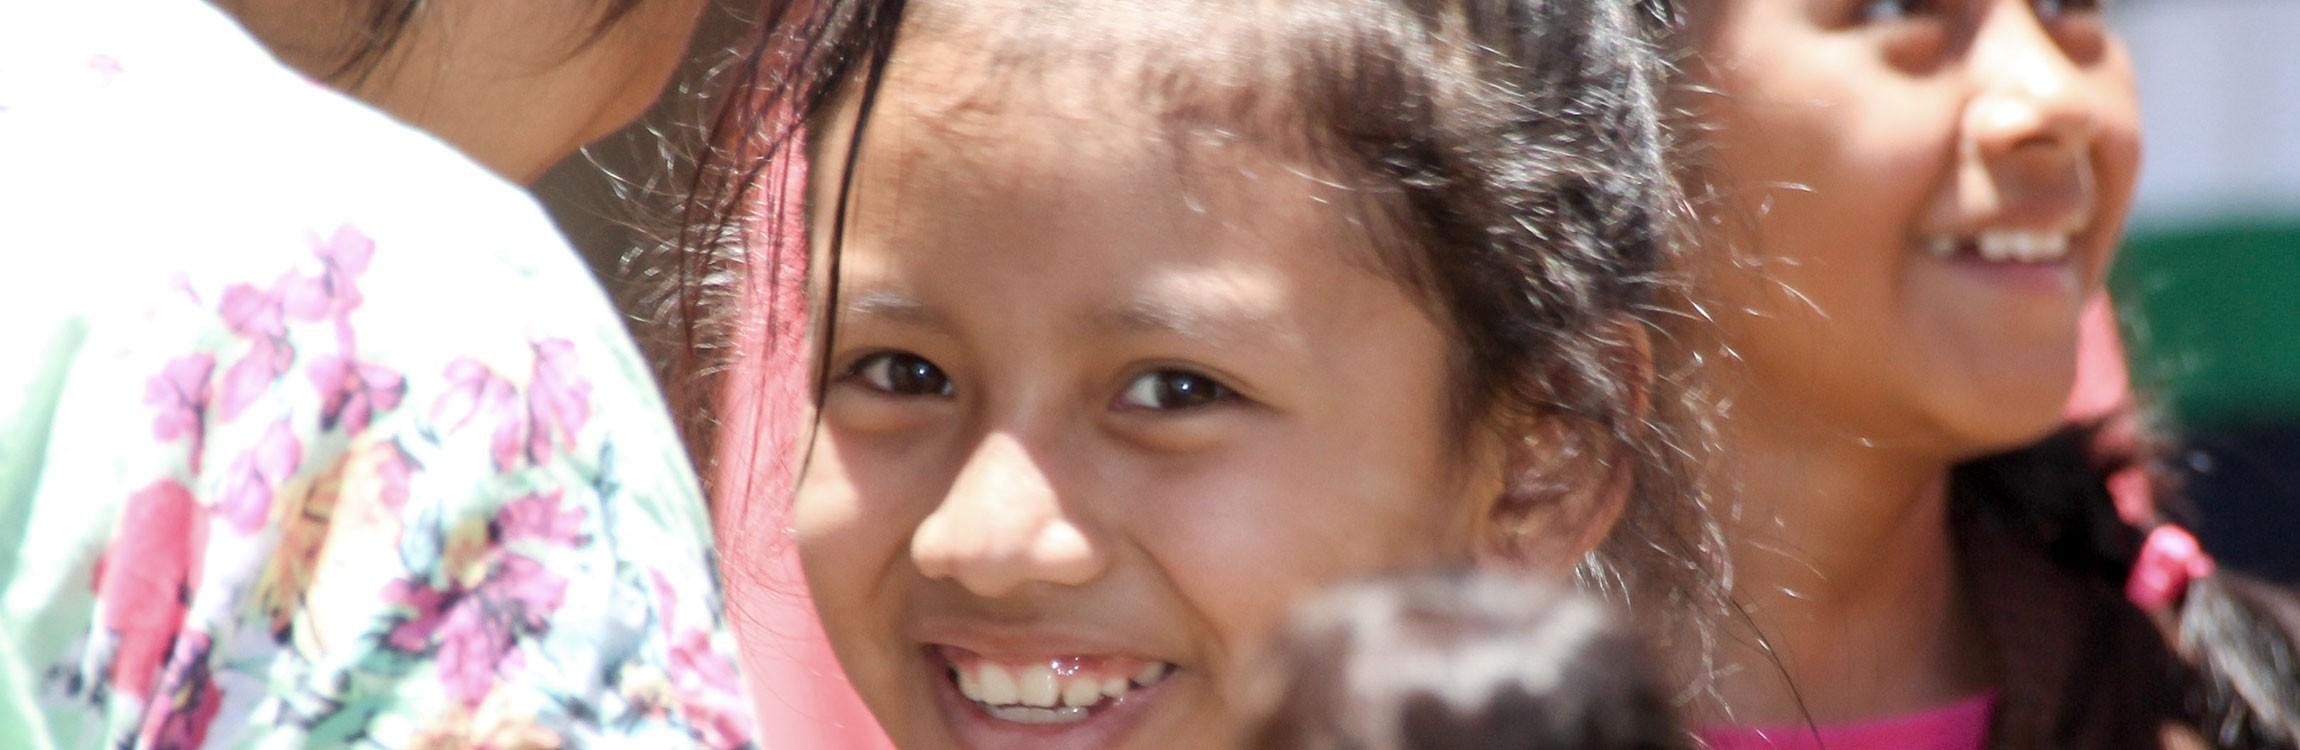 Sueniños ist ein sozialpädagogisches Bildungsprojekt im südmexikanischen Bundesstaat Chiapas.